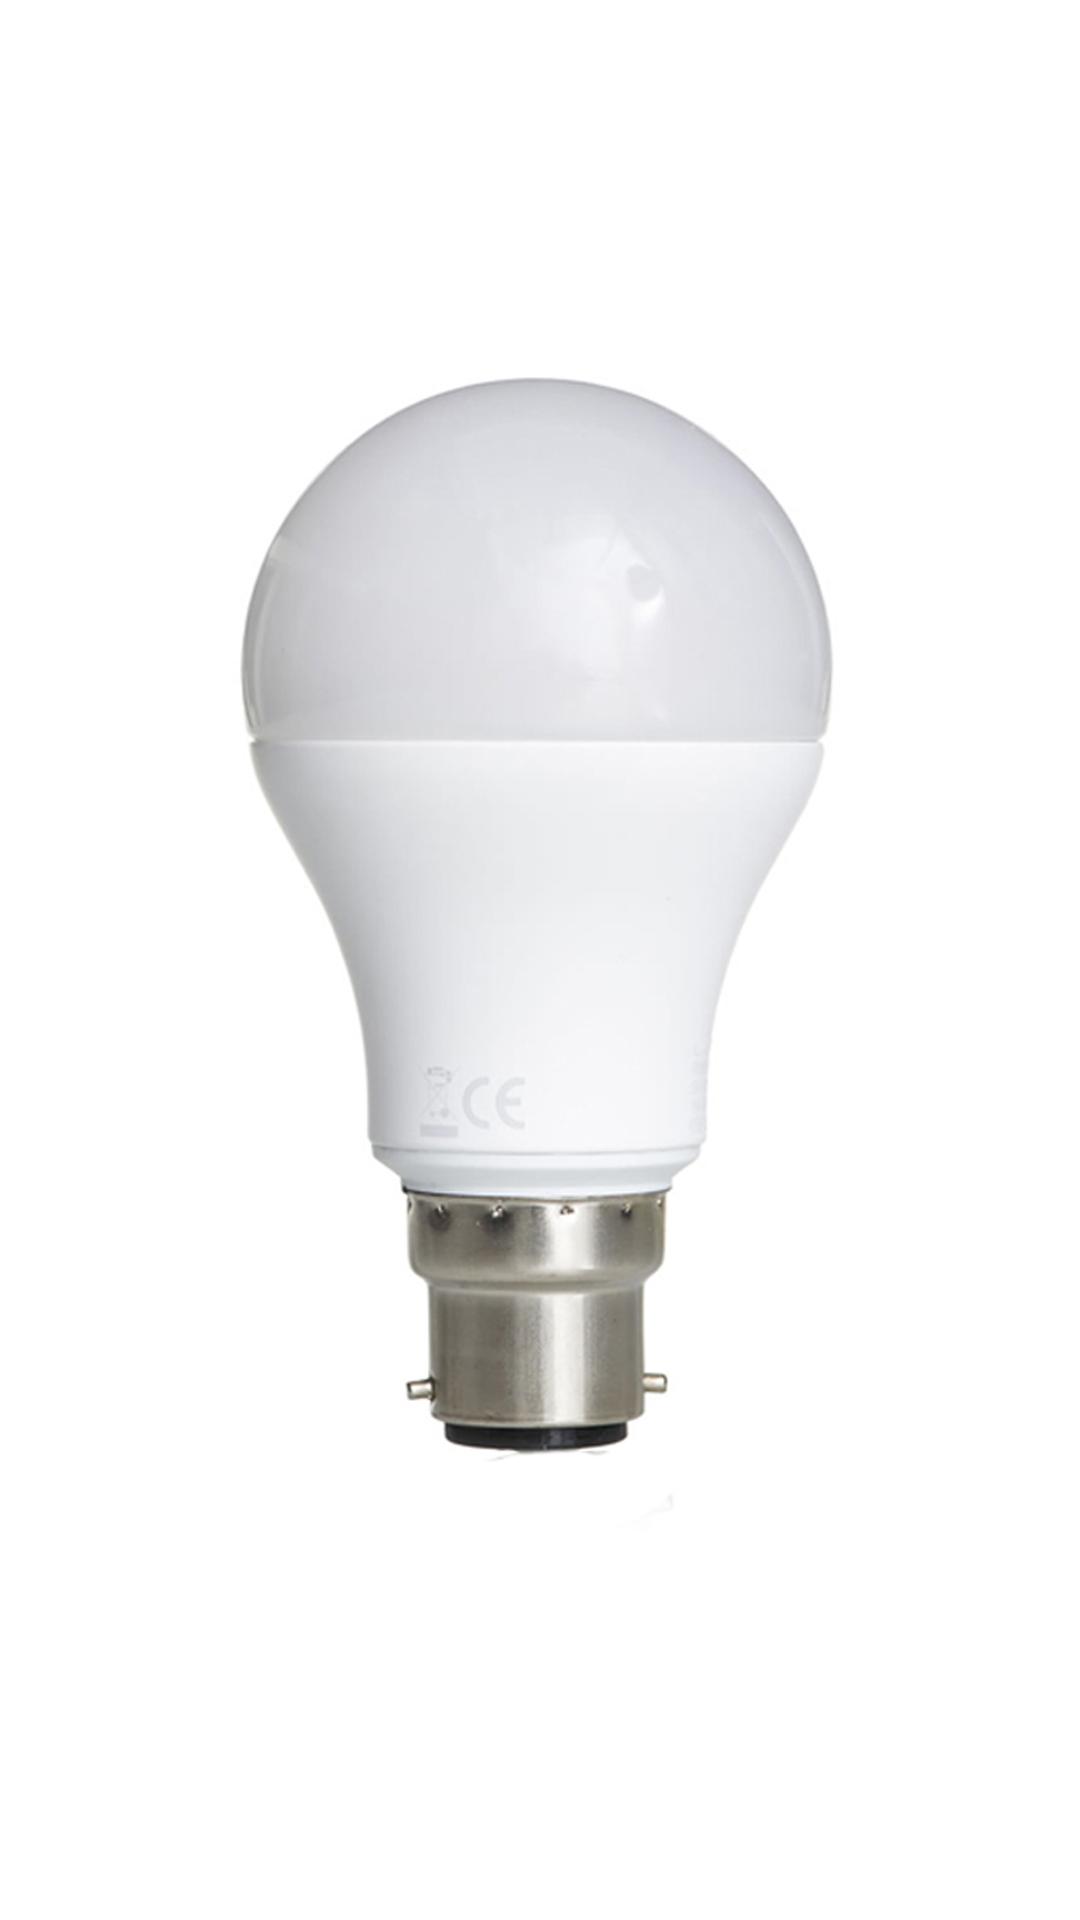 12W LED Bulb (White, Pack of 5)